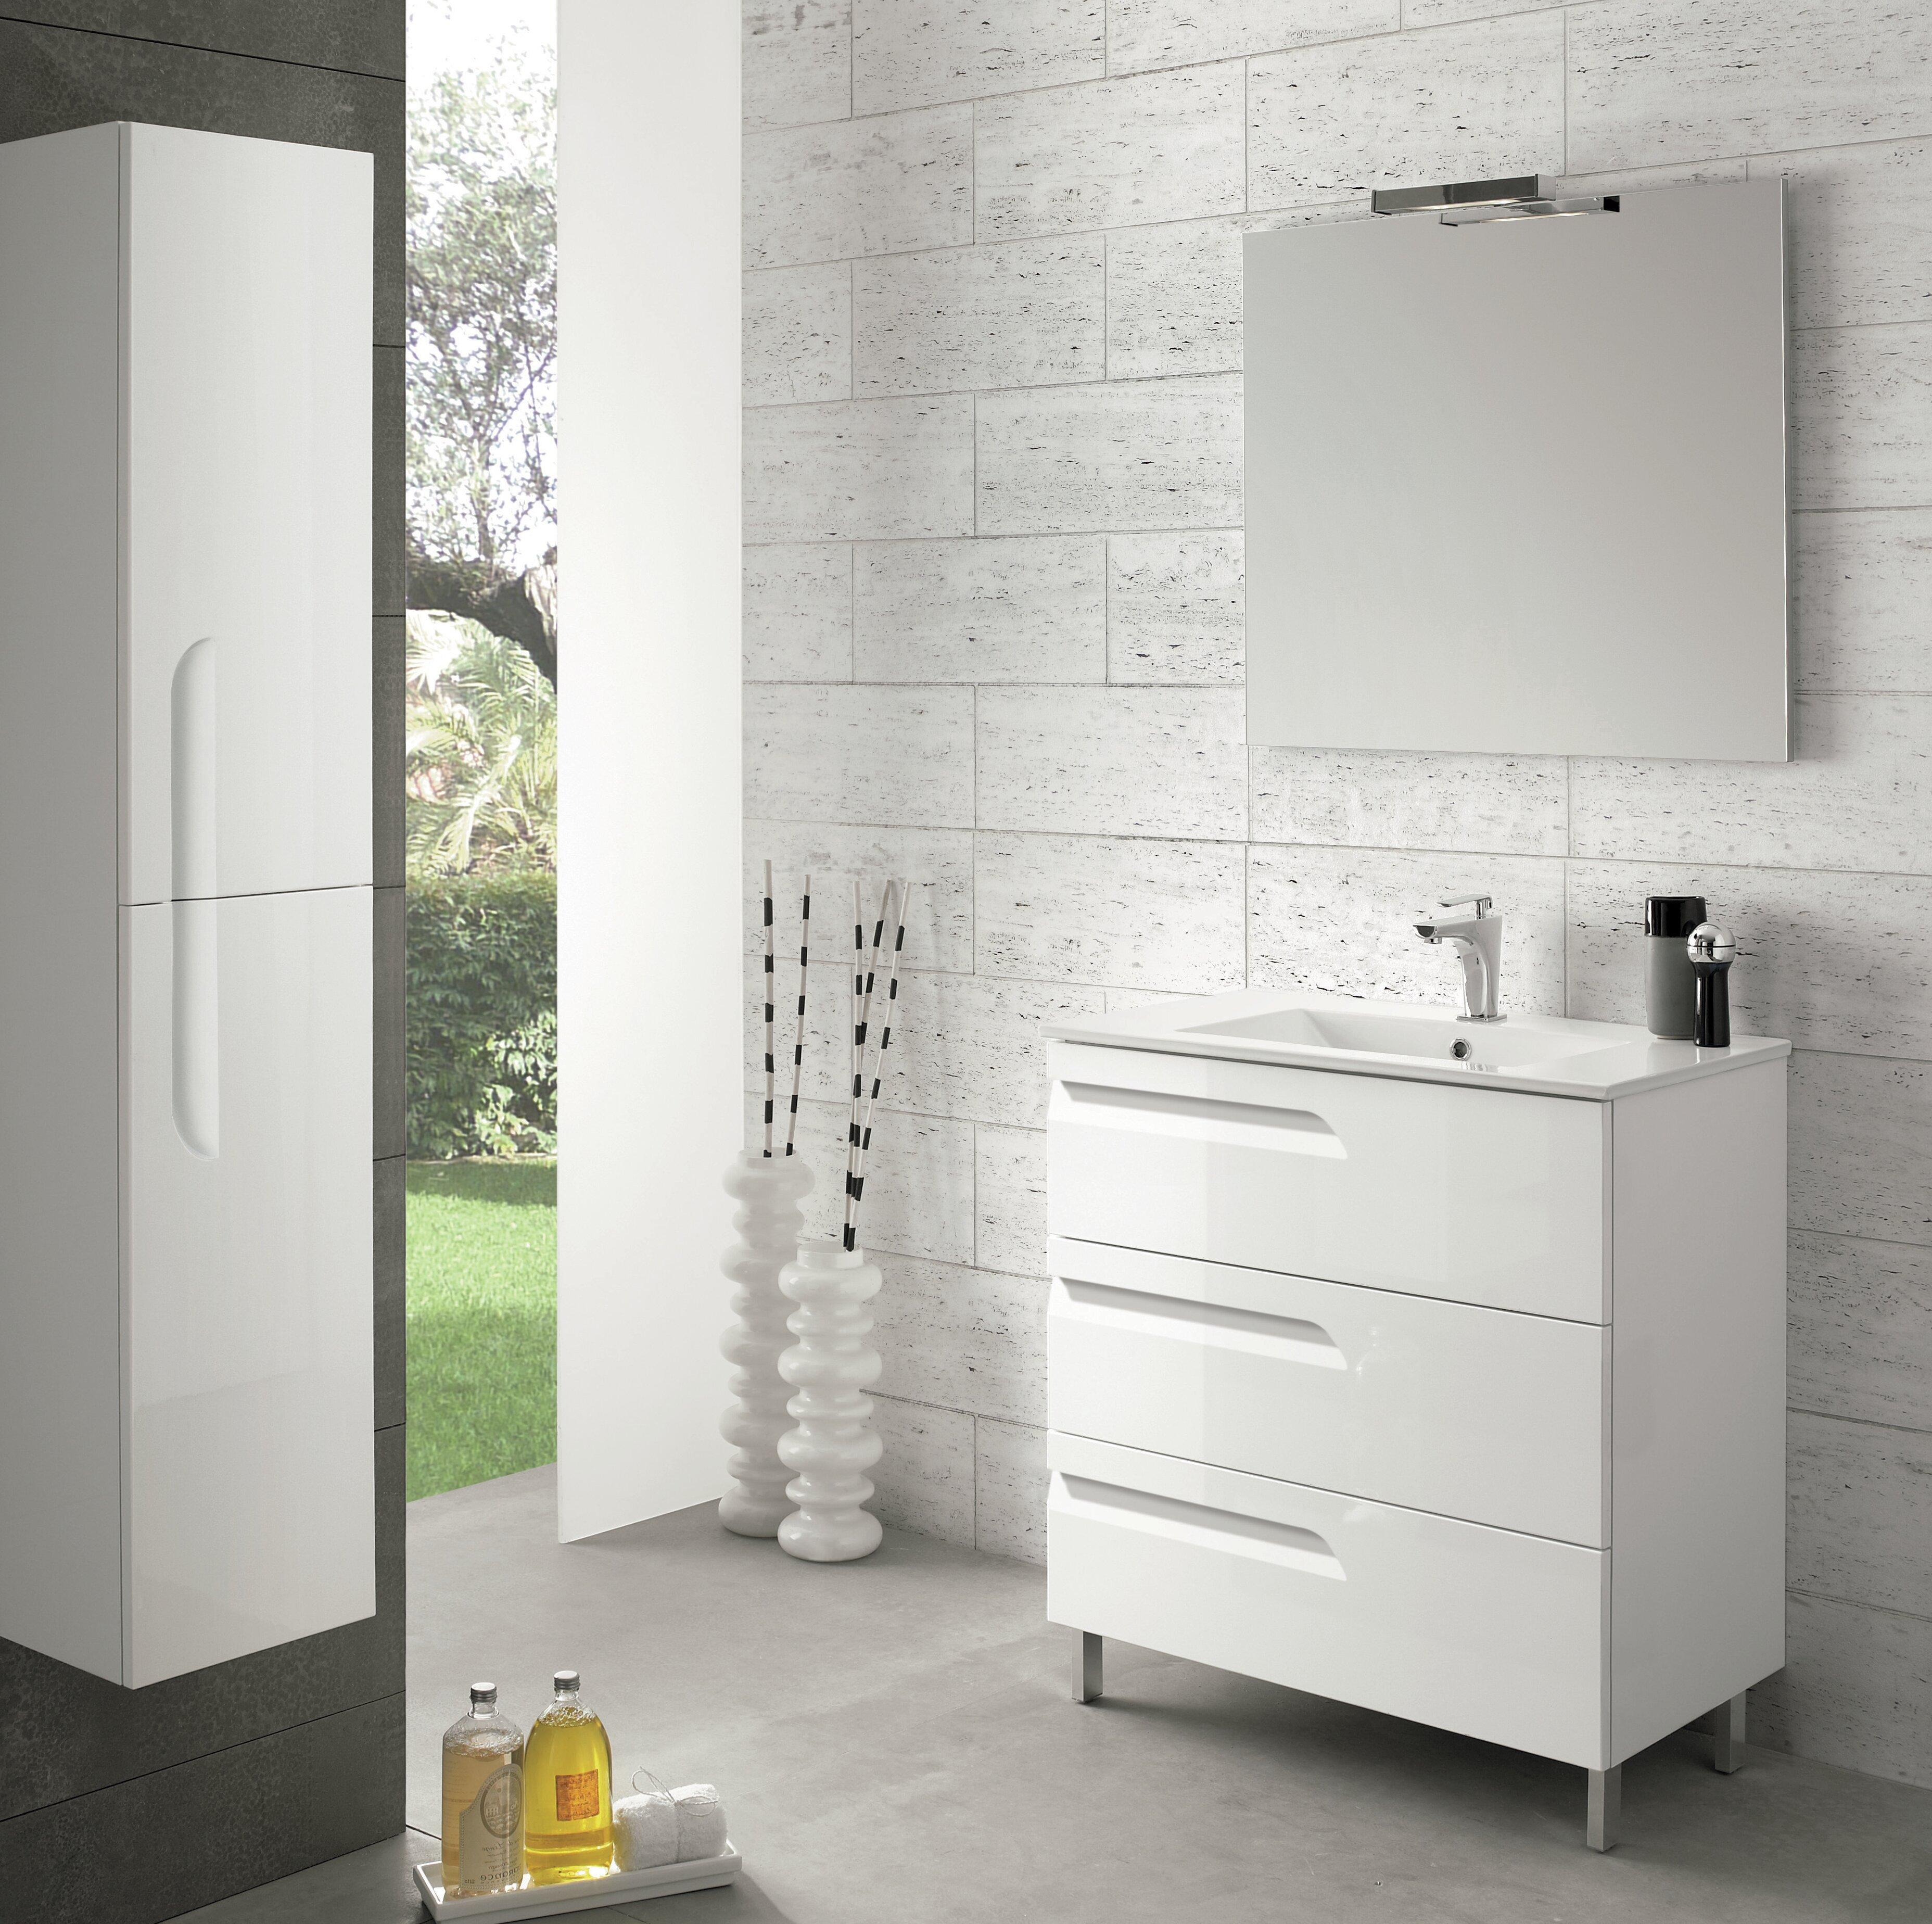 Brayden Studio Oberlin 39 Single Bathroom Vanity Set Wayfair